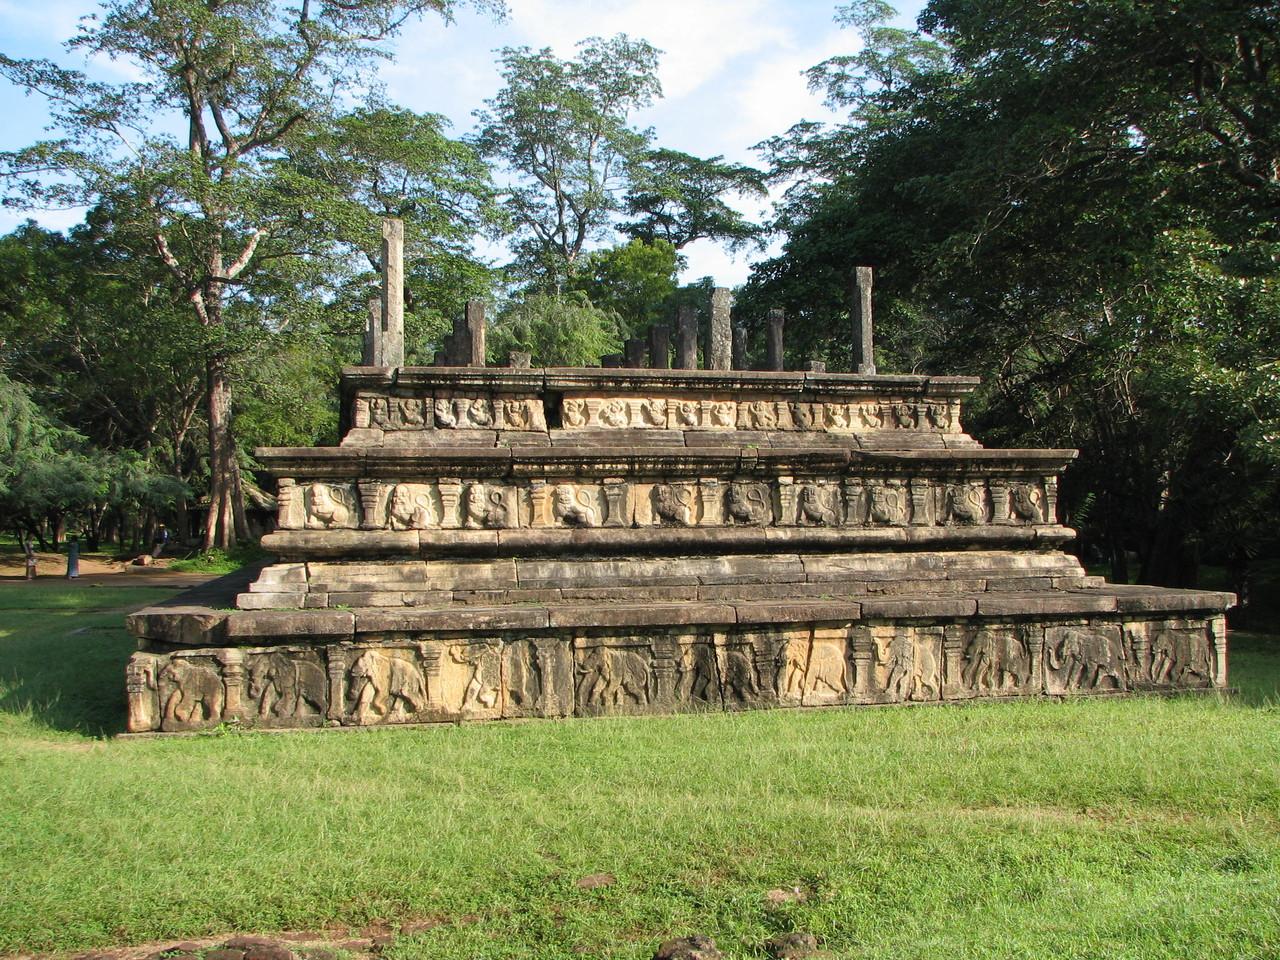 Palastanlagen, Polonnaruwa